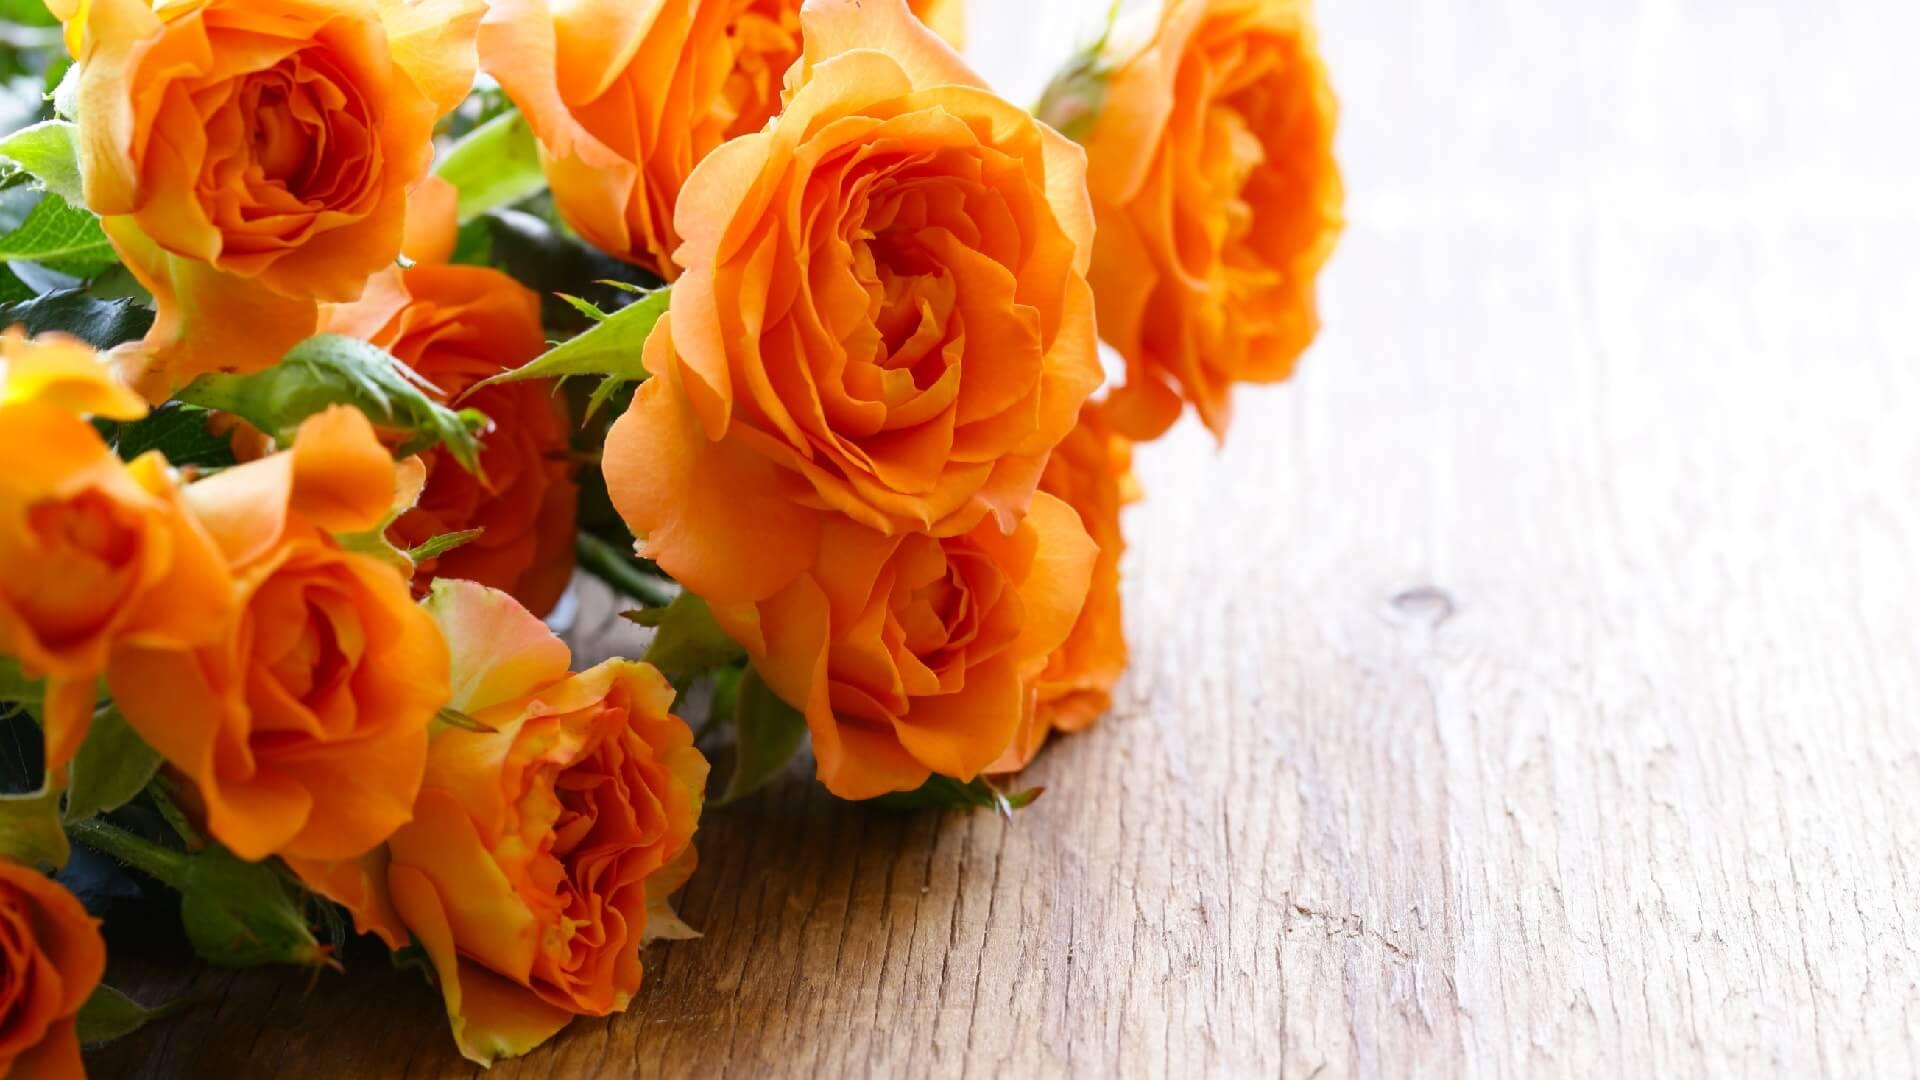 Cómo conservar los ramos de flores frescos durante más tiempo